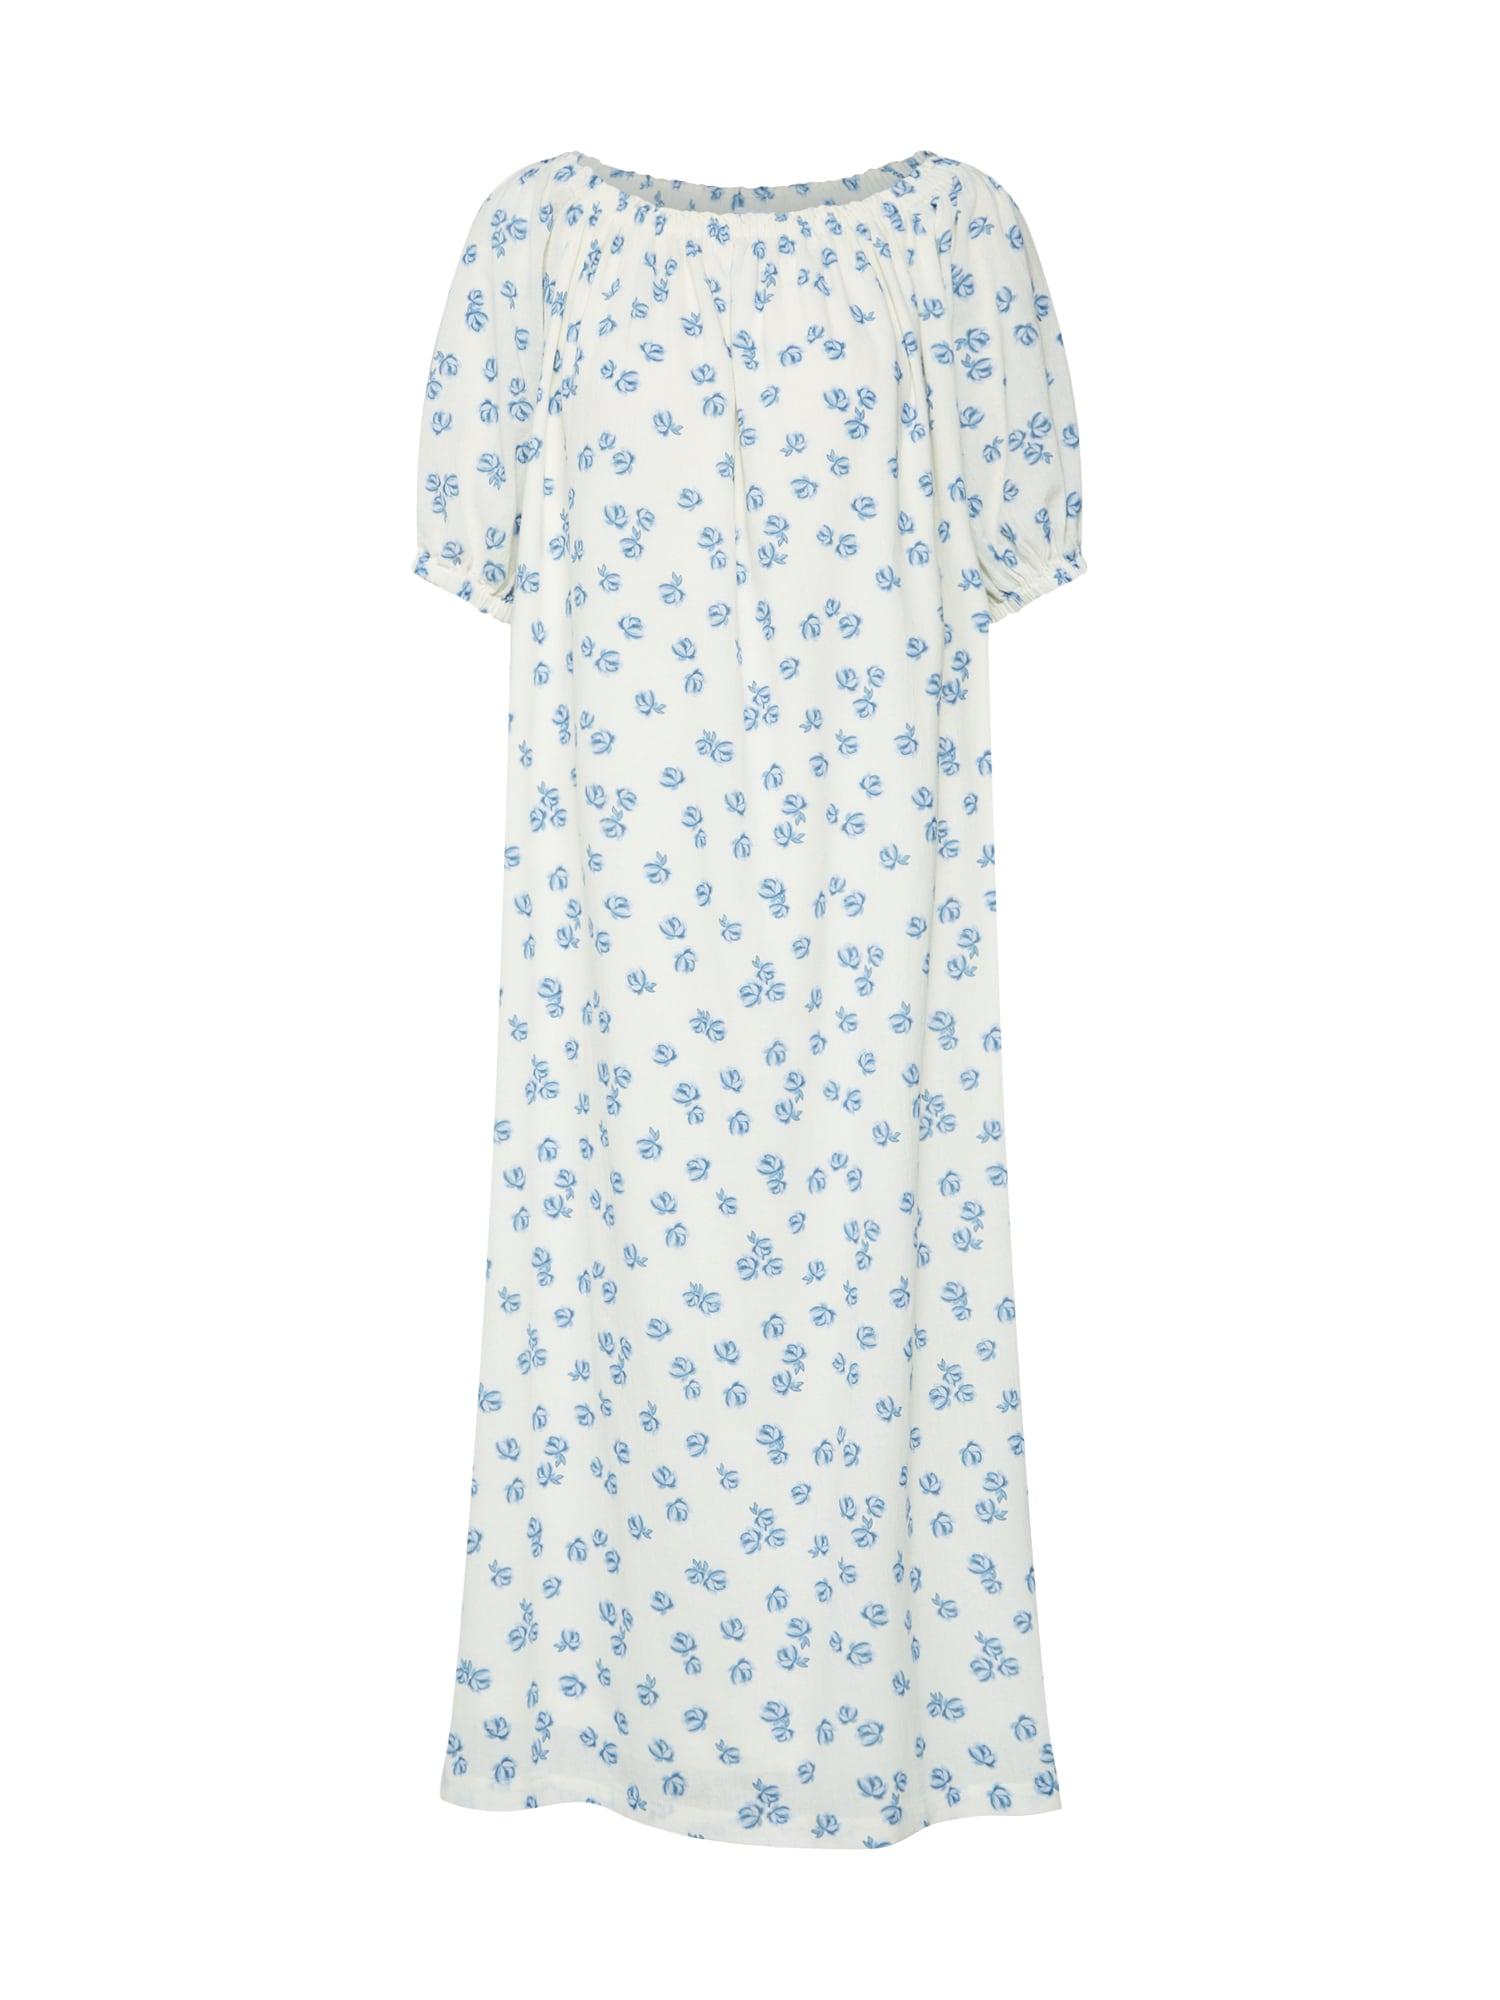 Šaty Rahima modrá bílá EDITED